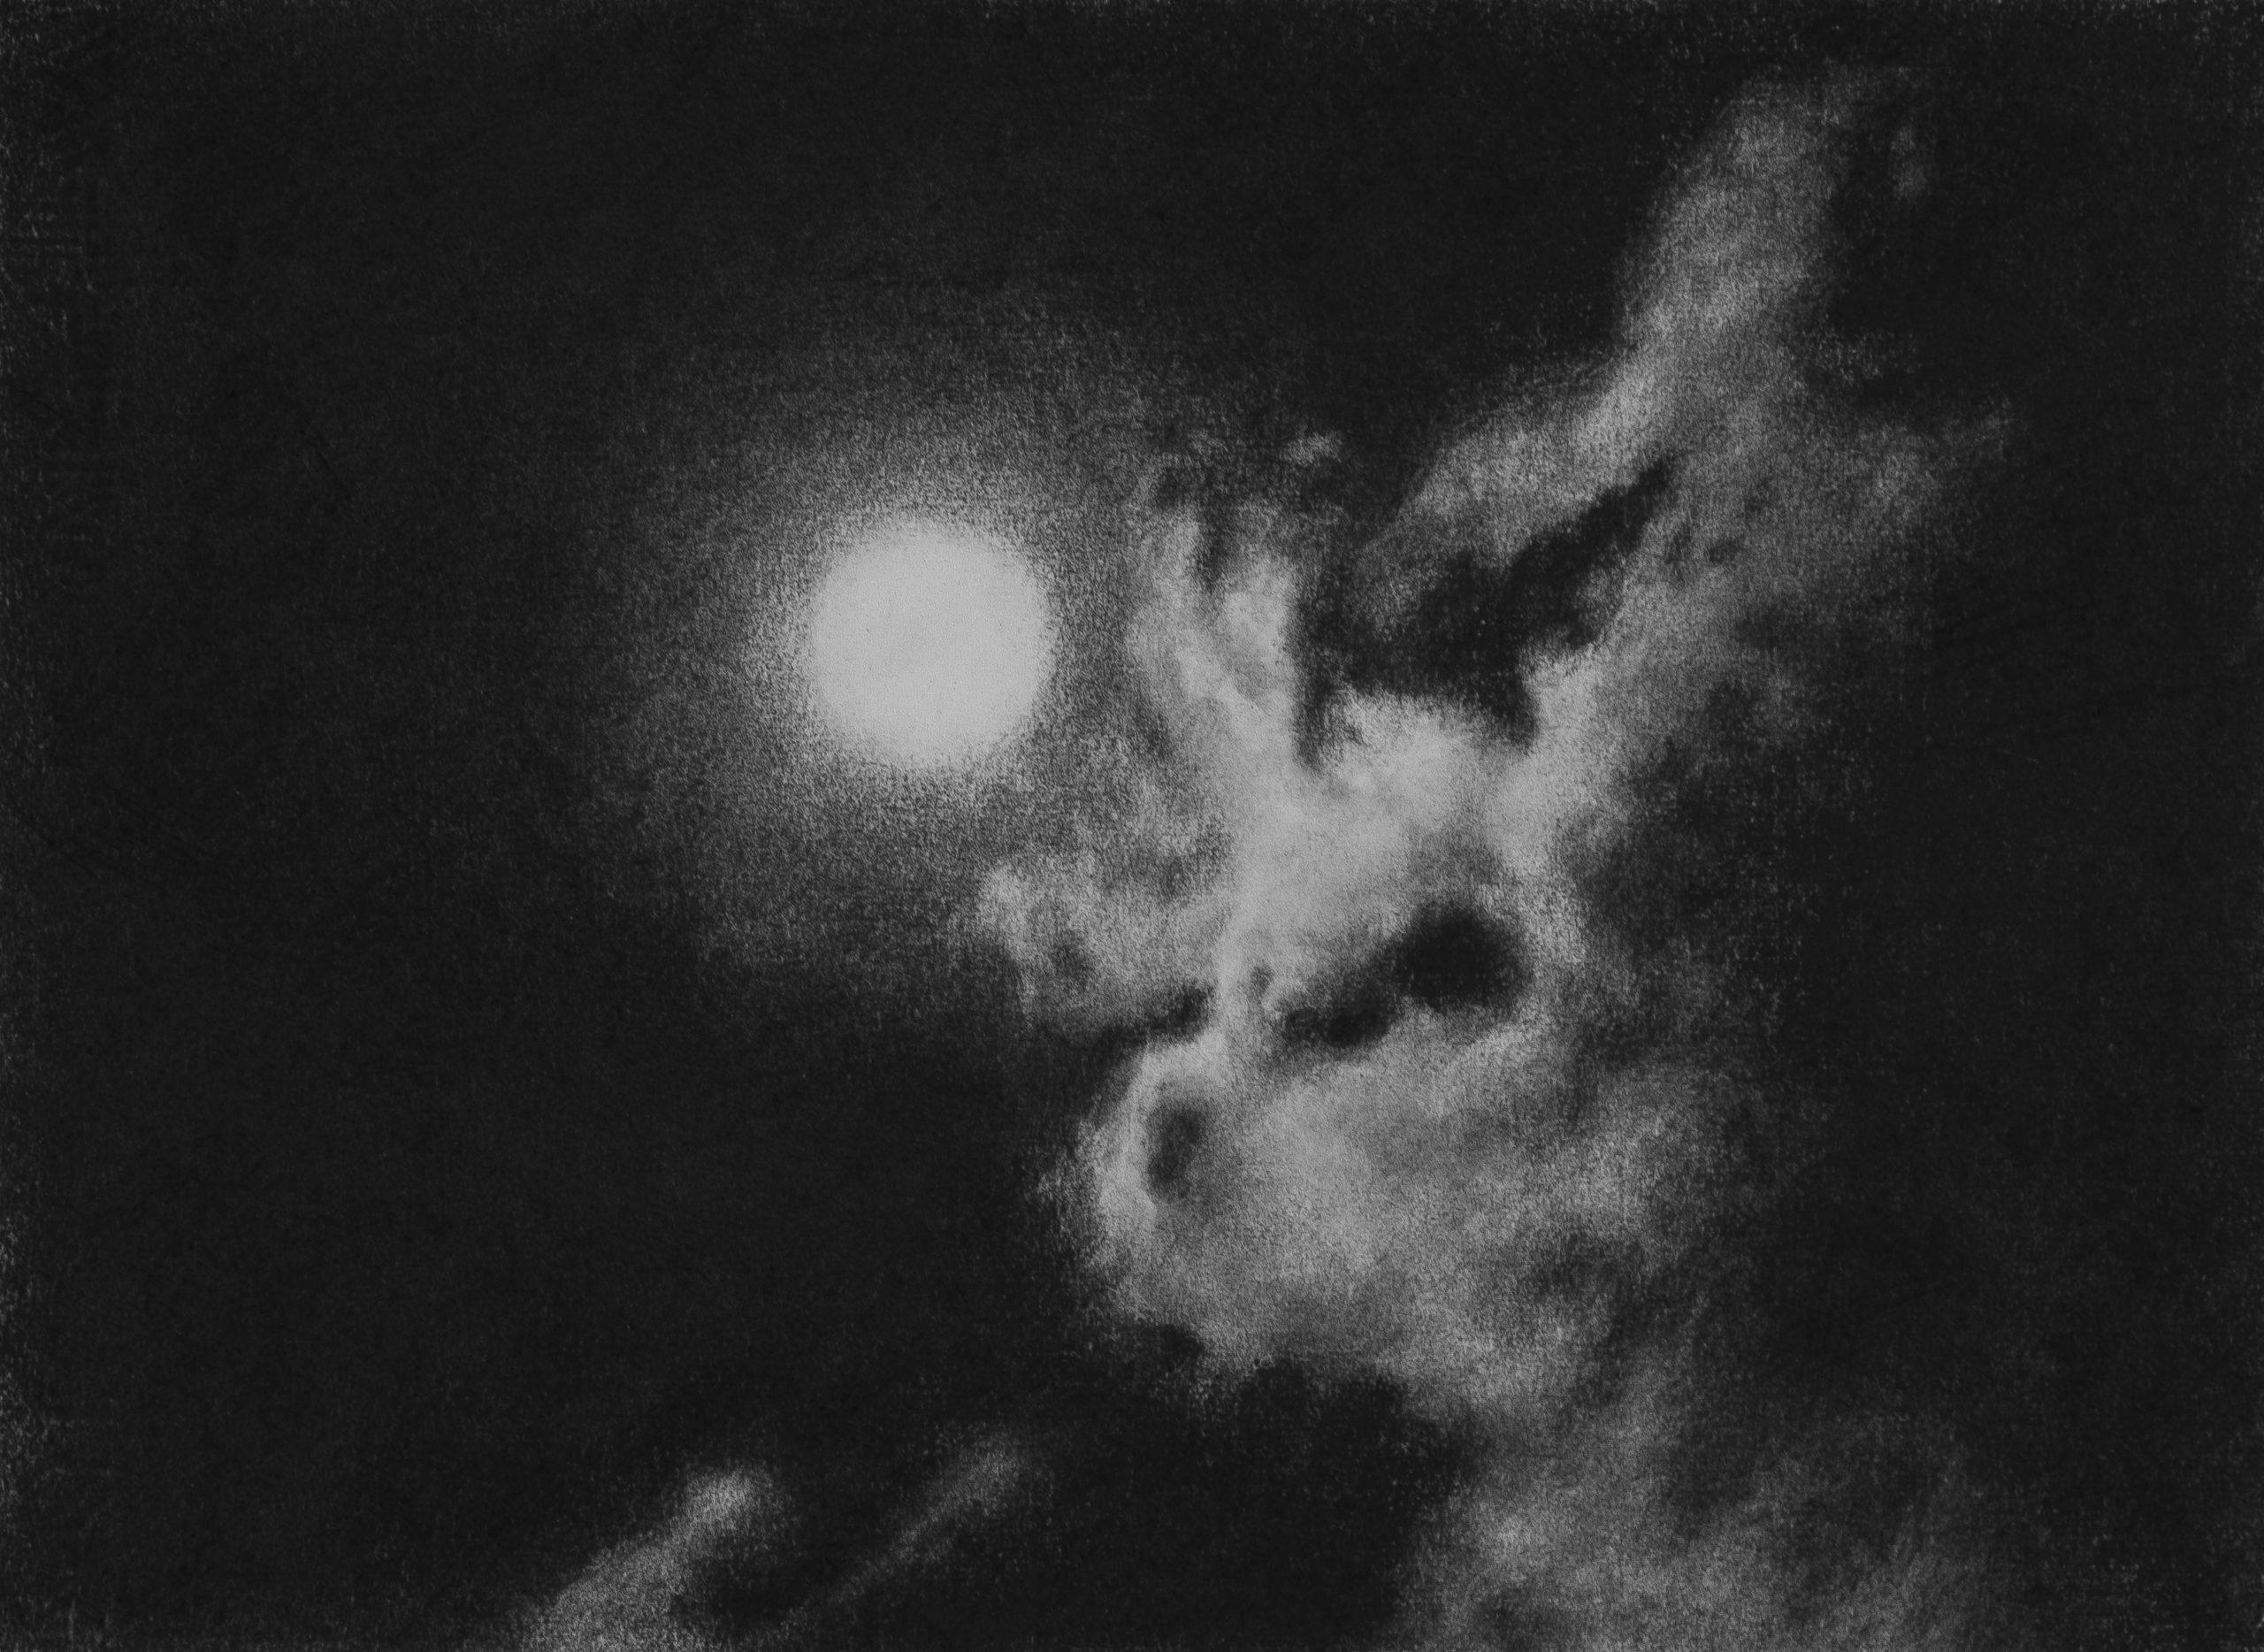 GONZALO-SICRE.-LA-CHOLEPA-3-Nocturno III Lápiz Conté sobre papel 30 x 40 cm. 2020